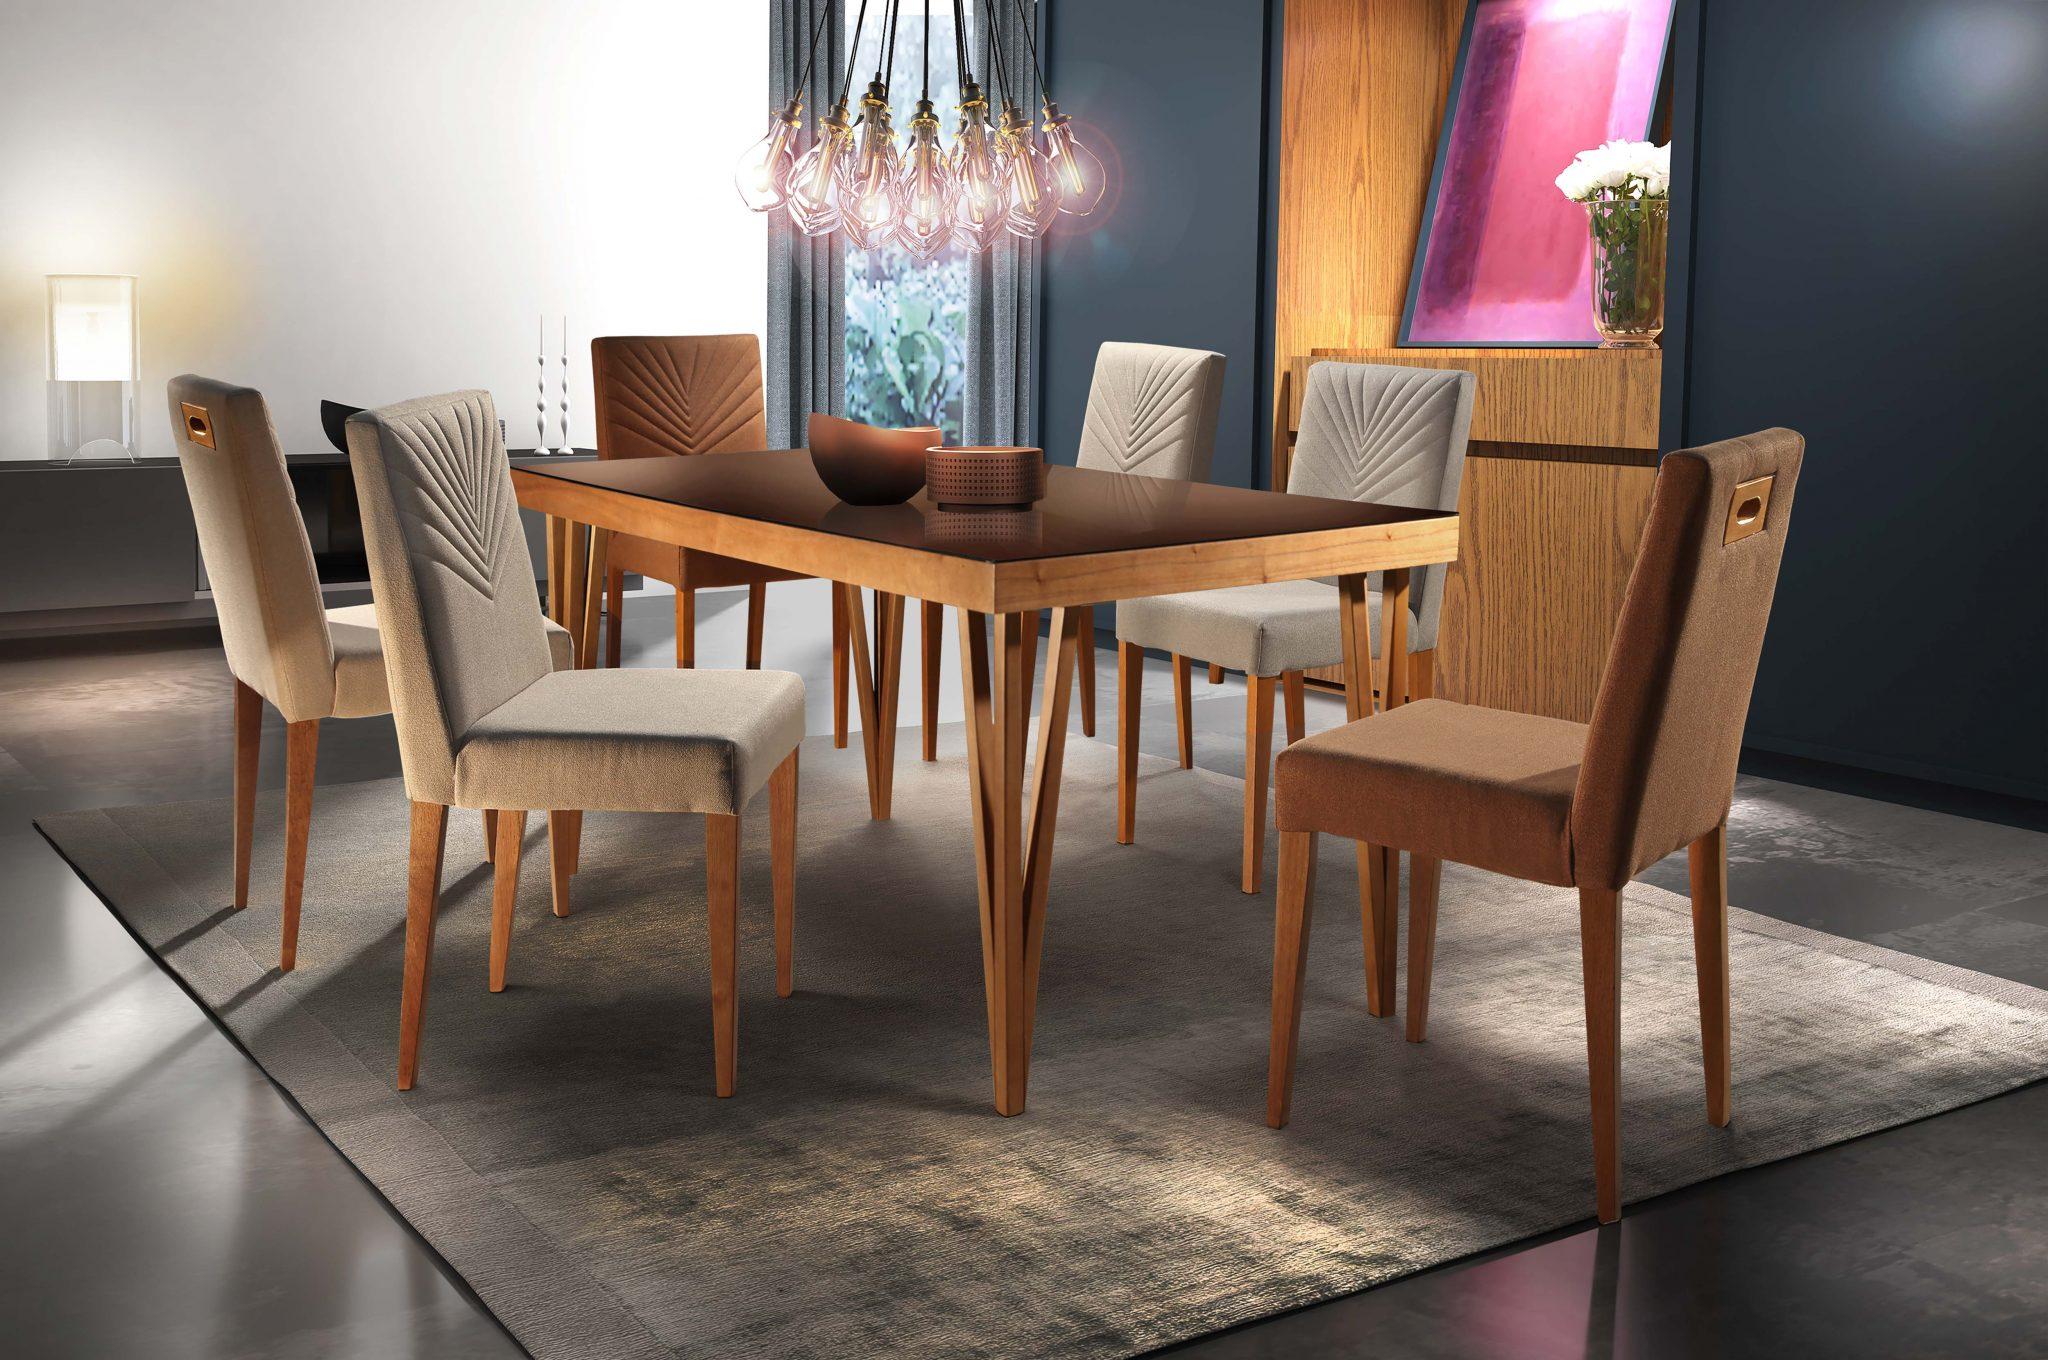 Mesa-KRV-355-e-Cadeiras-kr-094